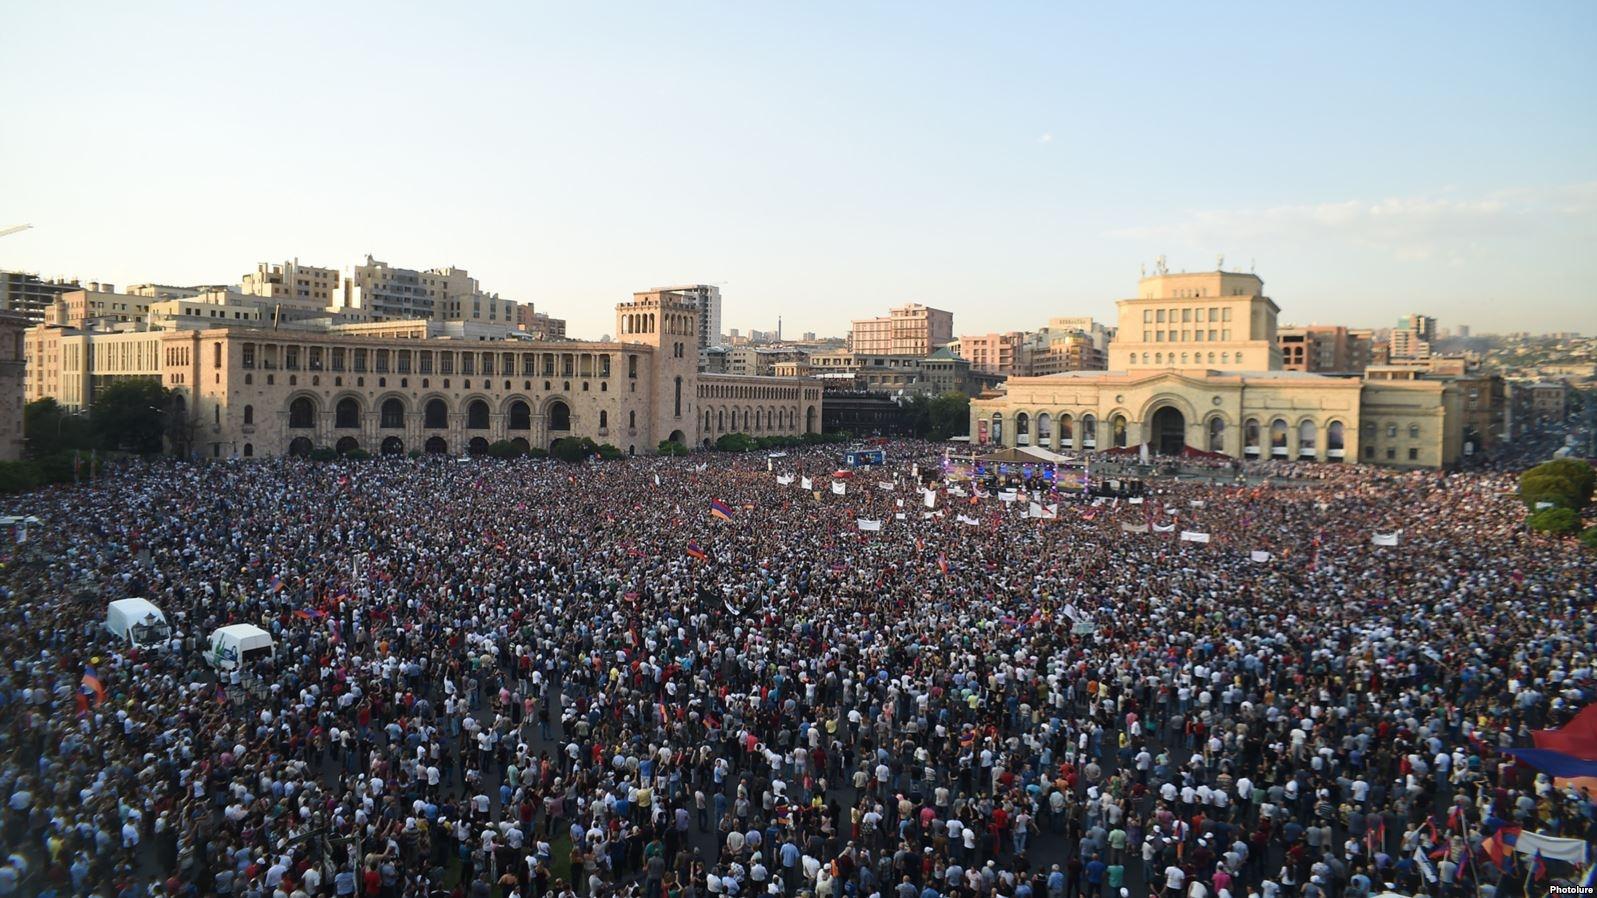 Мітинг на площі Республіки в Єревані, 17 серпня 2018 р